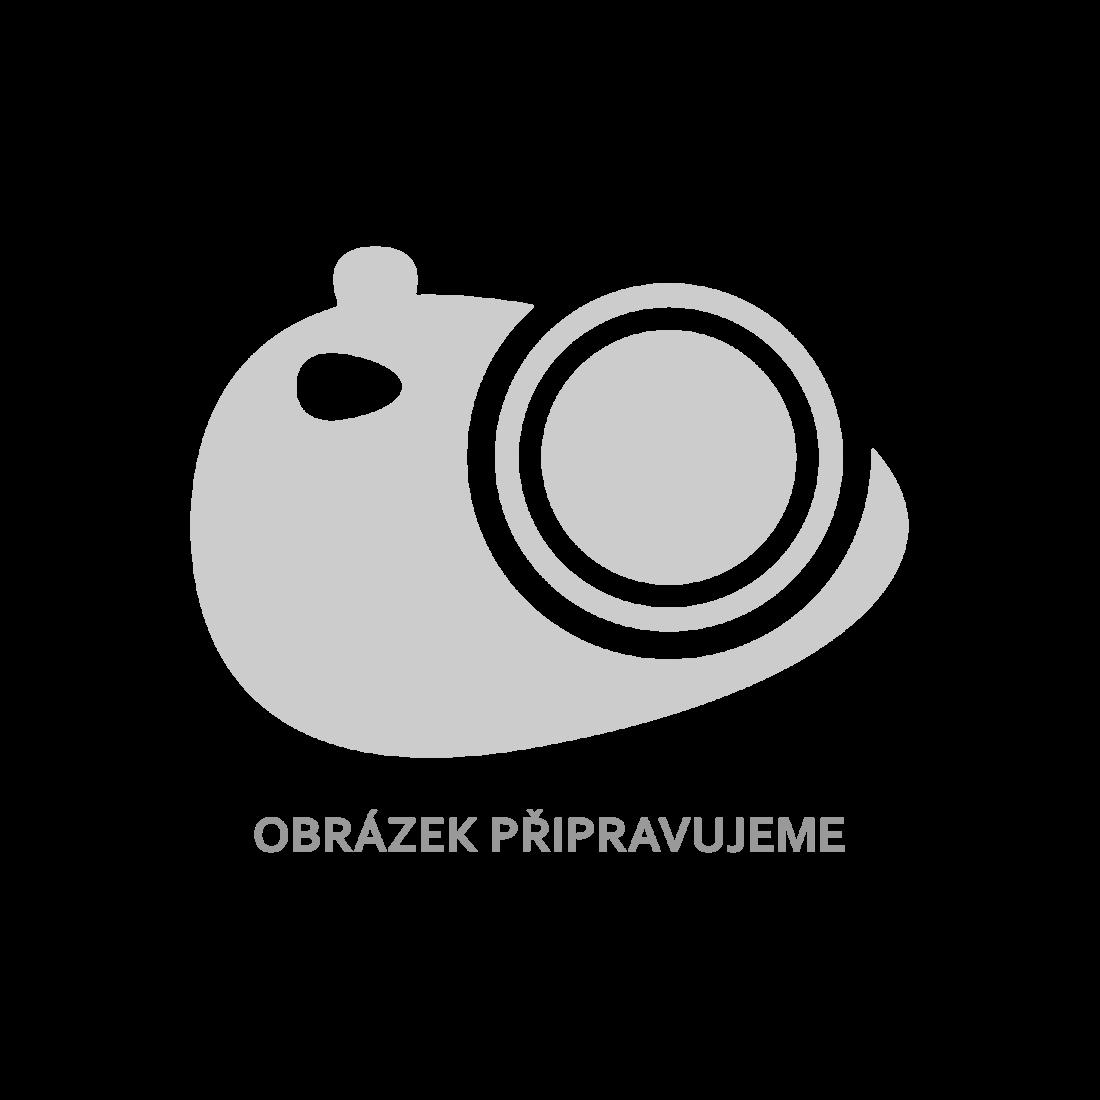 Jídelní set: černé židle štíhlé 6 ks a 1 skleněný stůl